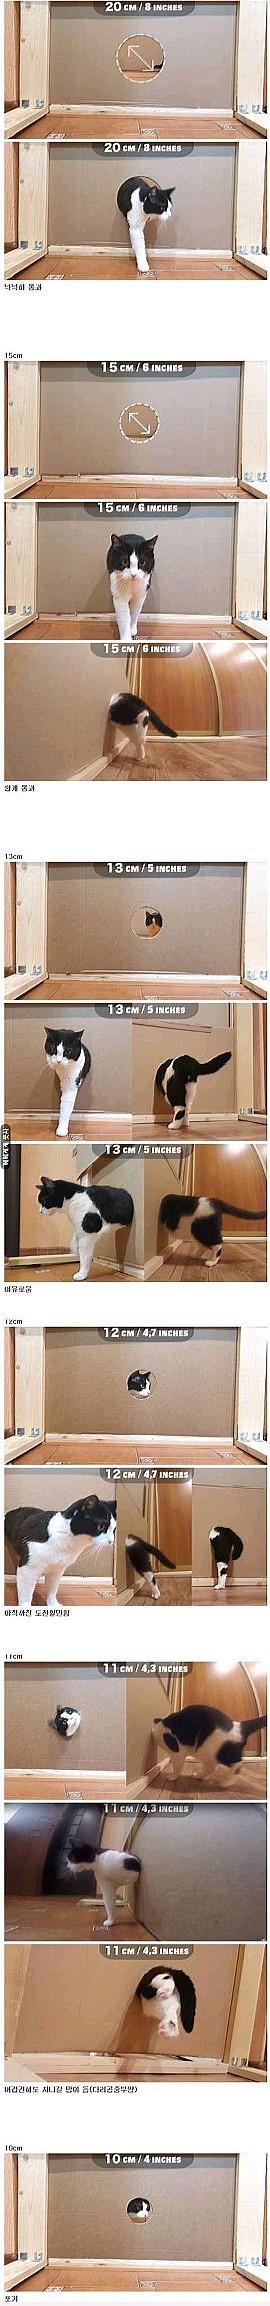 고양이가 좁은 곳 통과하는 실험